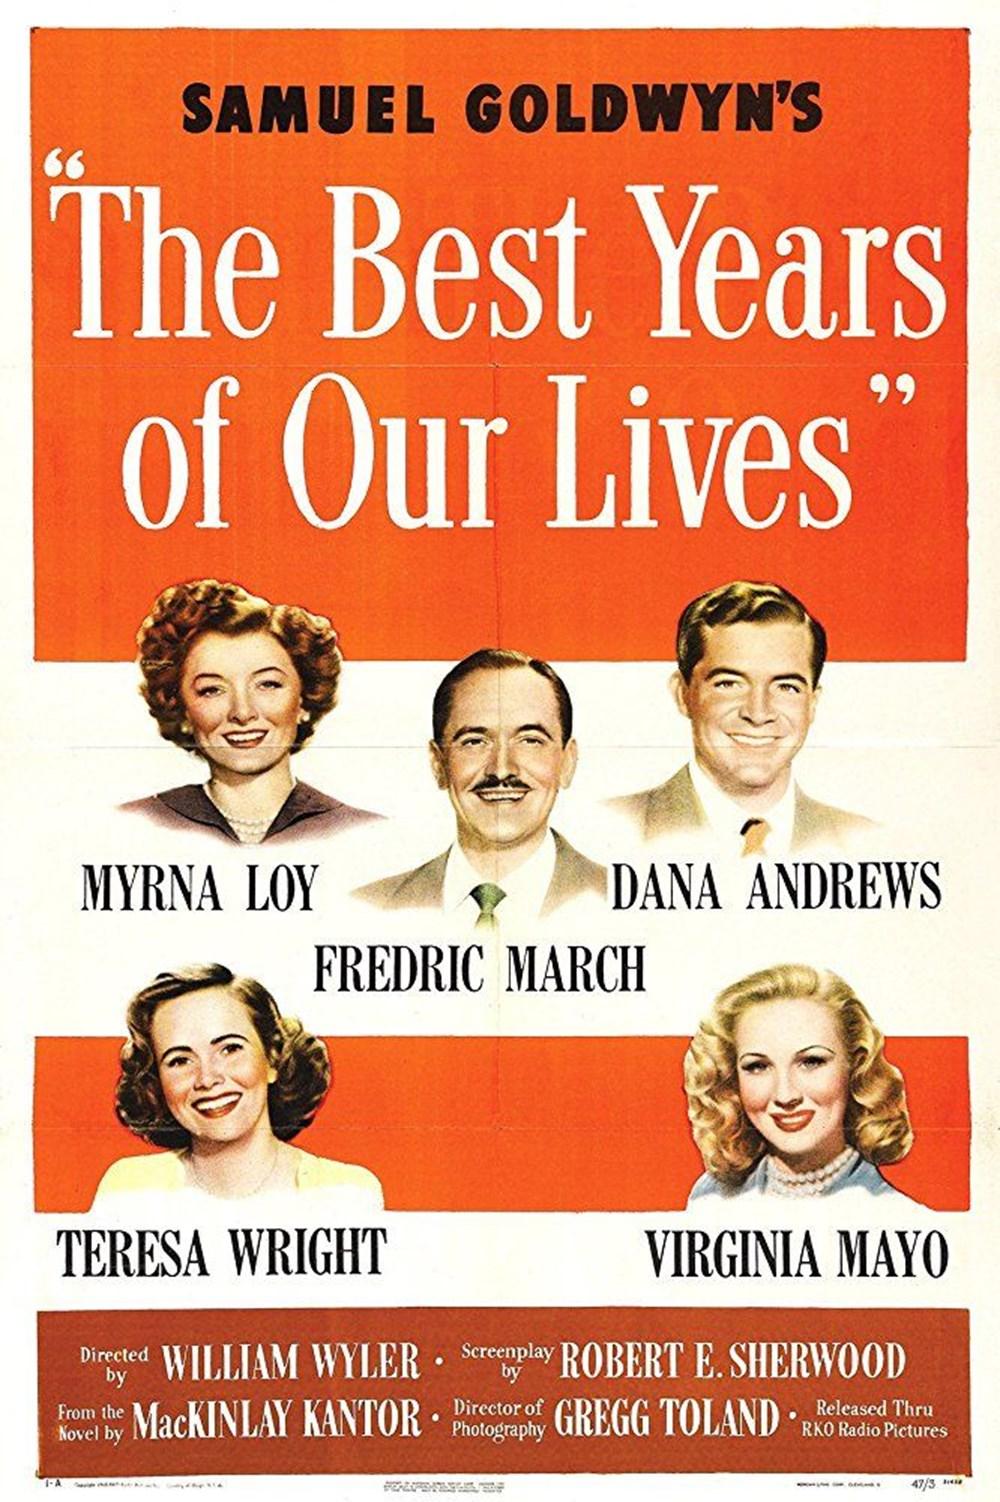 93. Oscar Ödülleri sonrası bugüne kadar ödül alan en iyi filmler - 20